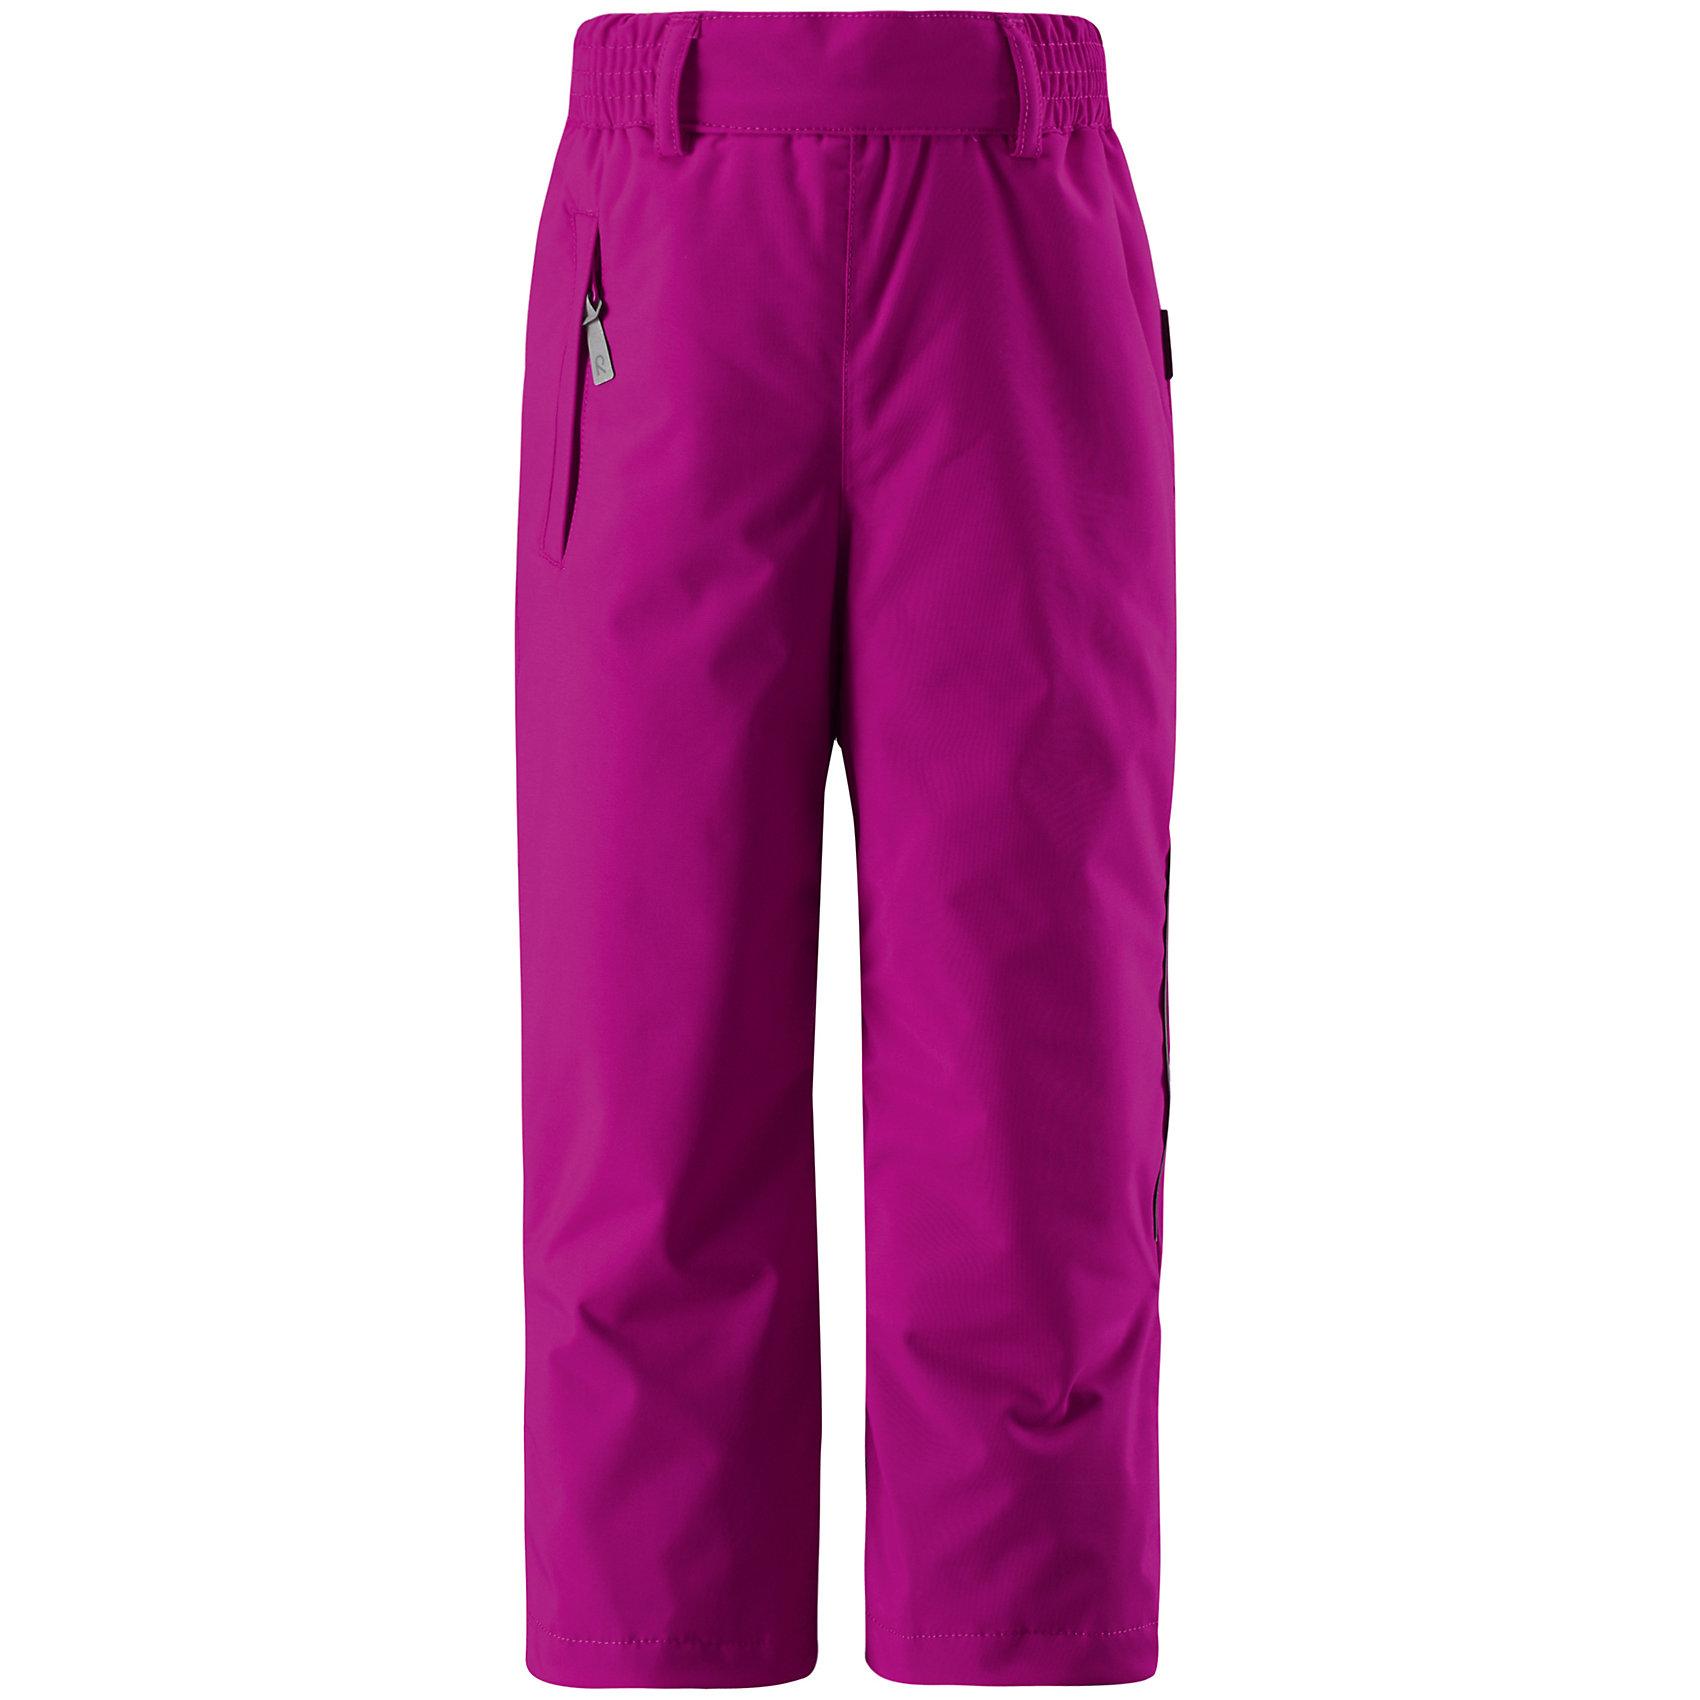 Брюки Reimatec для девочки ReimaЭти сверхпрочные брюки из сверх популярной коллекции ORIGINALS подходят для активных детей. Все швы в этих полностью водонепроницаемых брюках проклеены, чтобы обеспечить максимальный комфорт во время весёлых игр на улице в любую погоду. Благодаря ветронепроницаемому, пропускающему воздух материалу детям будет комфортно играть на улице, они не вспотеют. Регулируемая эластичная талия и низ брючин обеспечат хорошую посадку. Блокировка от снега на концах брючин защитит ножки от холодных снежных сюрпризов. К концам брючин можно пристегнуть блокировку от снега, чтобы они не соскальзывали с обуви. В карманы на молнии можно положить всё необходимое, когда пойдёте на прогулку. Эти брюки можно сушить в центрифуге.<br><br>Дополнительная информация:<br><br>Температурный режим: до -20<br>Средняя степень утепления: 120 г<br>Водонепроницаемые зимние брюки для детей постарше, модель ORIGINAL<br>Все швы проклеены, водонепроницаемы<br>Прочный материал<br>Один карман на молнии<br>Регулируемая талия<br>Низ брючин регулируется с помощью липучки<br>Низ брючин застегивается на кнопку для блокировки от снега<br>Безопасные светоотражающие детали<br><br>Брюки Reimatec Reima (Рейматек Рейма) можно купить в нашем магазине.<br><br>Ширина мм: 215<br>Глубина мм: 88<br>Высота мм: 191<br>Вес г: 336<br>Цвет: розовый<br>Возраст от месяцев: 36<br>Возраст до месяцев: 48<br>Пол: Женский<br>Возраст: Детский<br>Размер: 104,110,116,134,140,128,122<br>SKU: 4417005